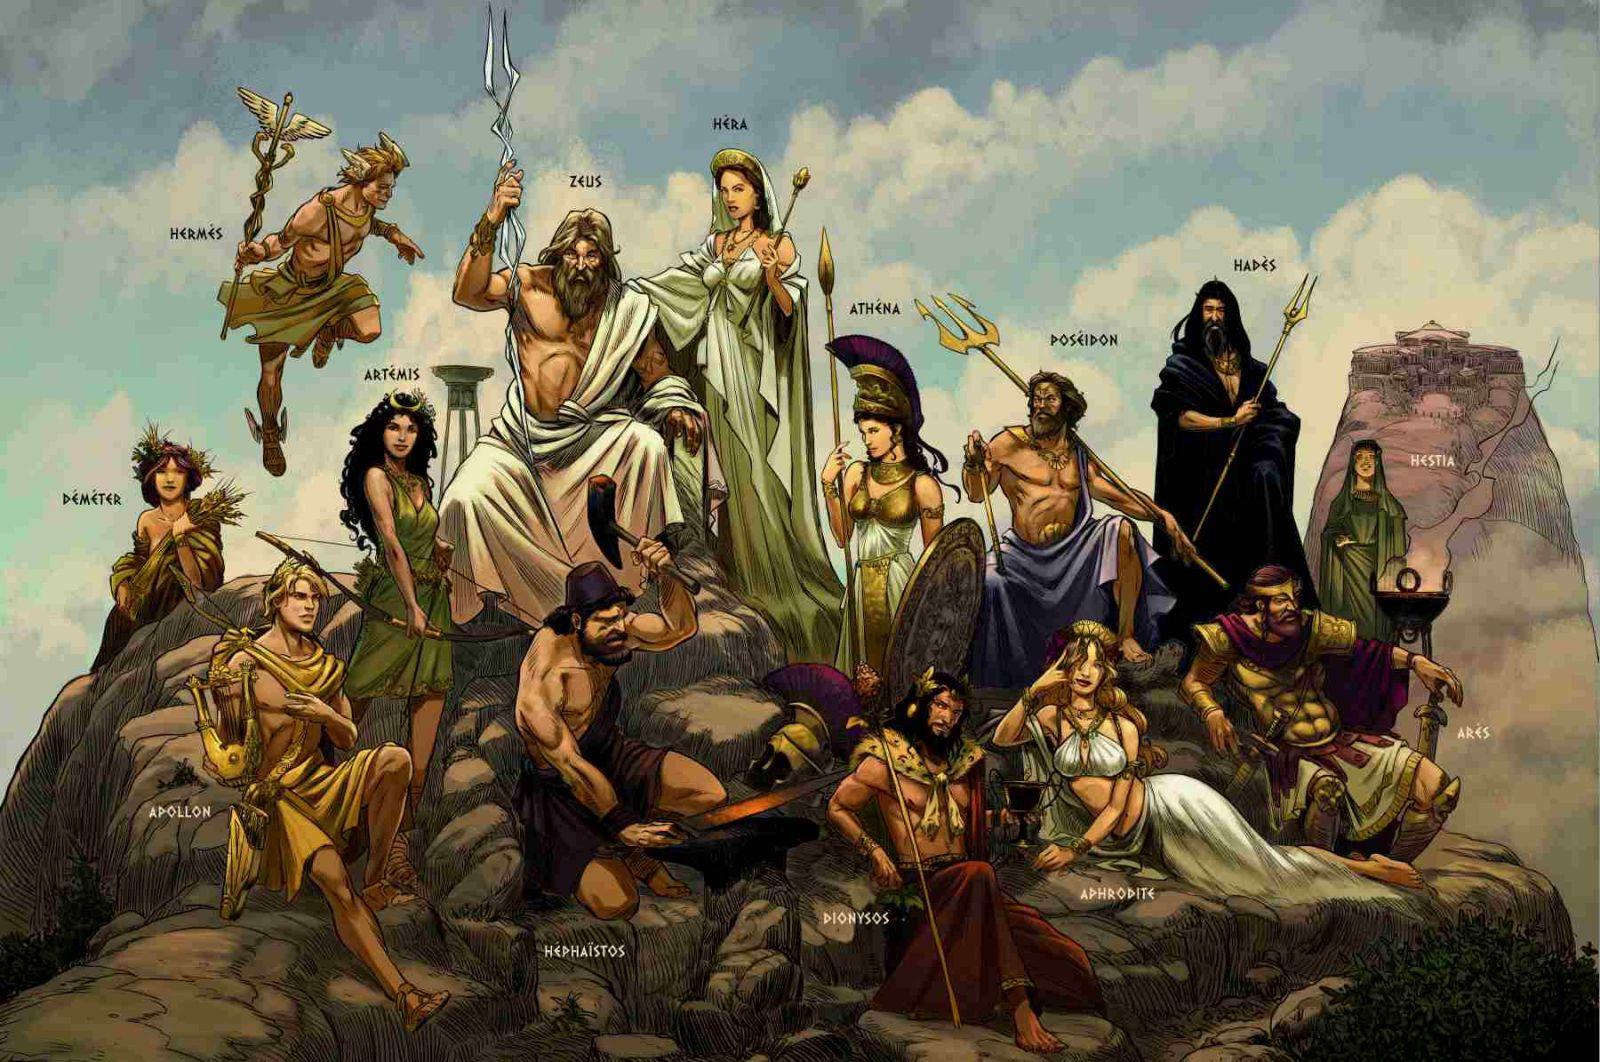 Quelle divinité grecque serais-tu ?